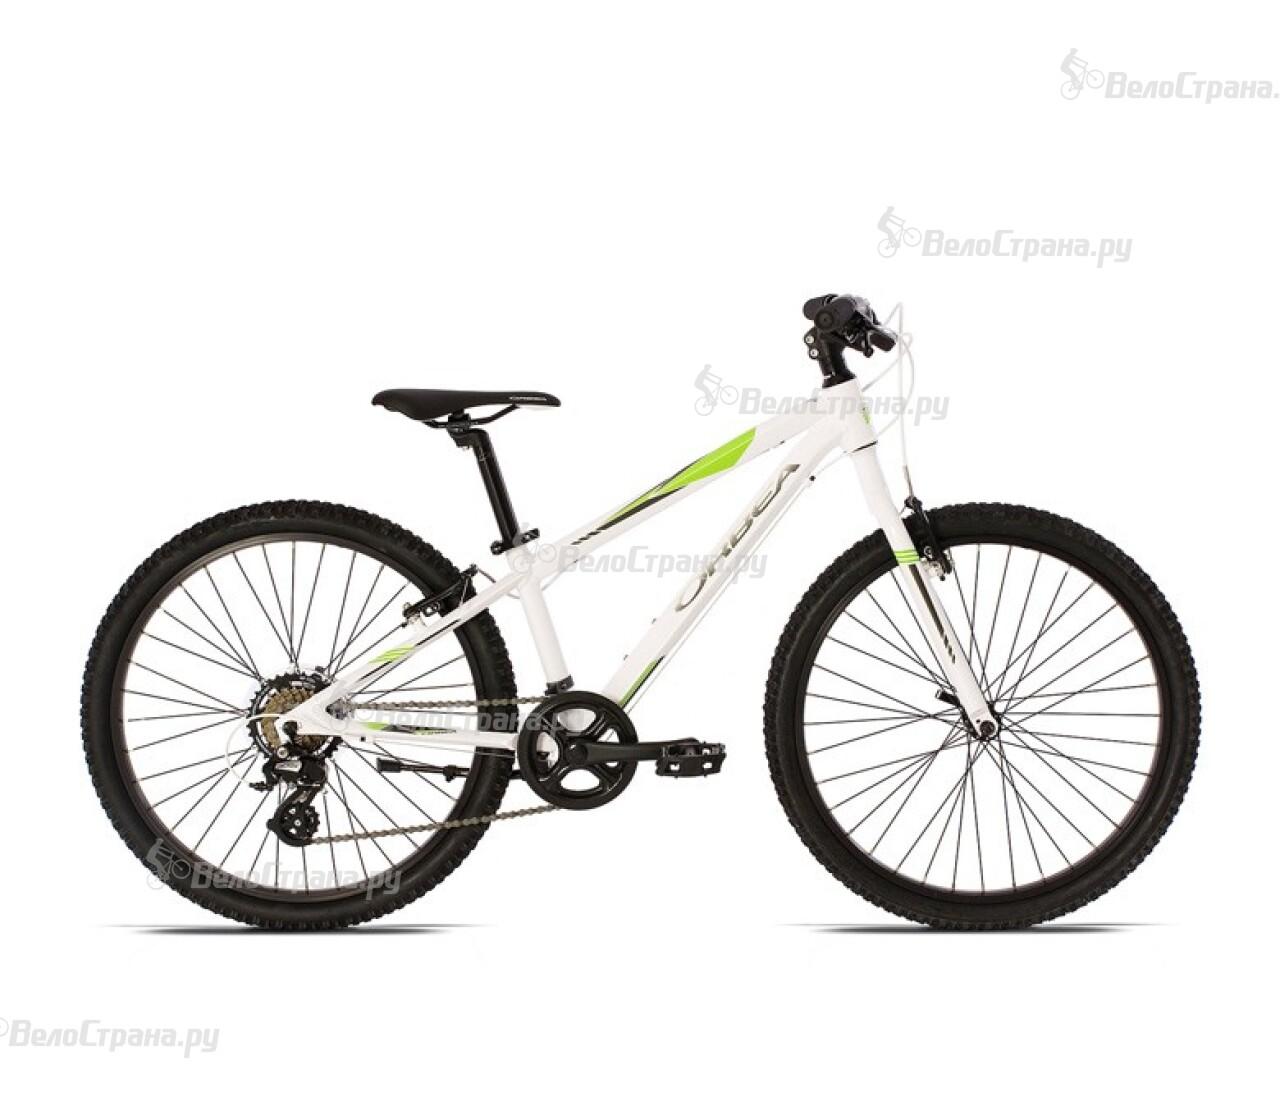 Велосипед Orbea Mx 24 Dirt (2013) велосипед orbea mx 24 xc 2014